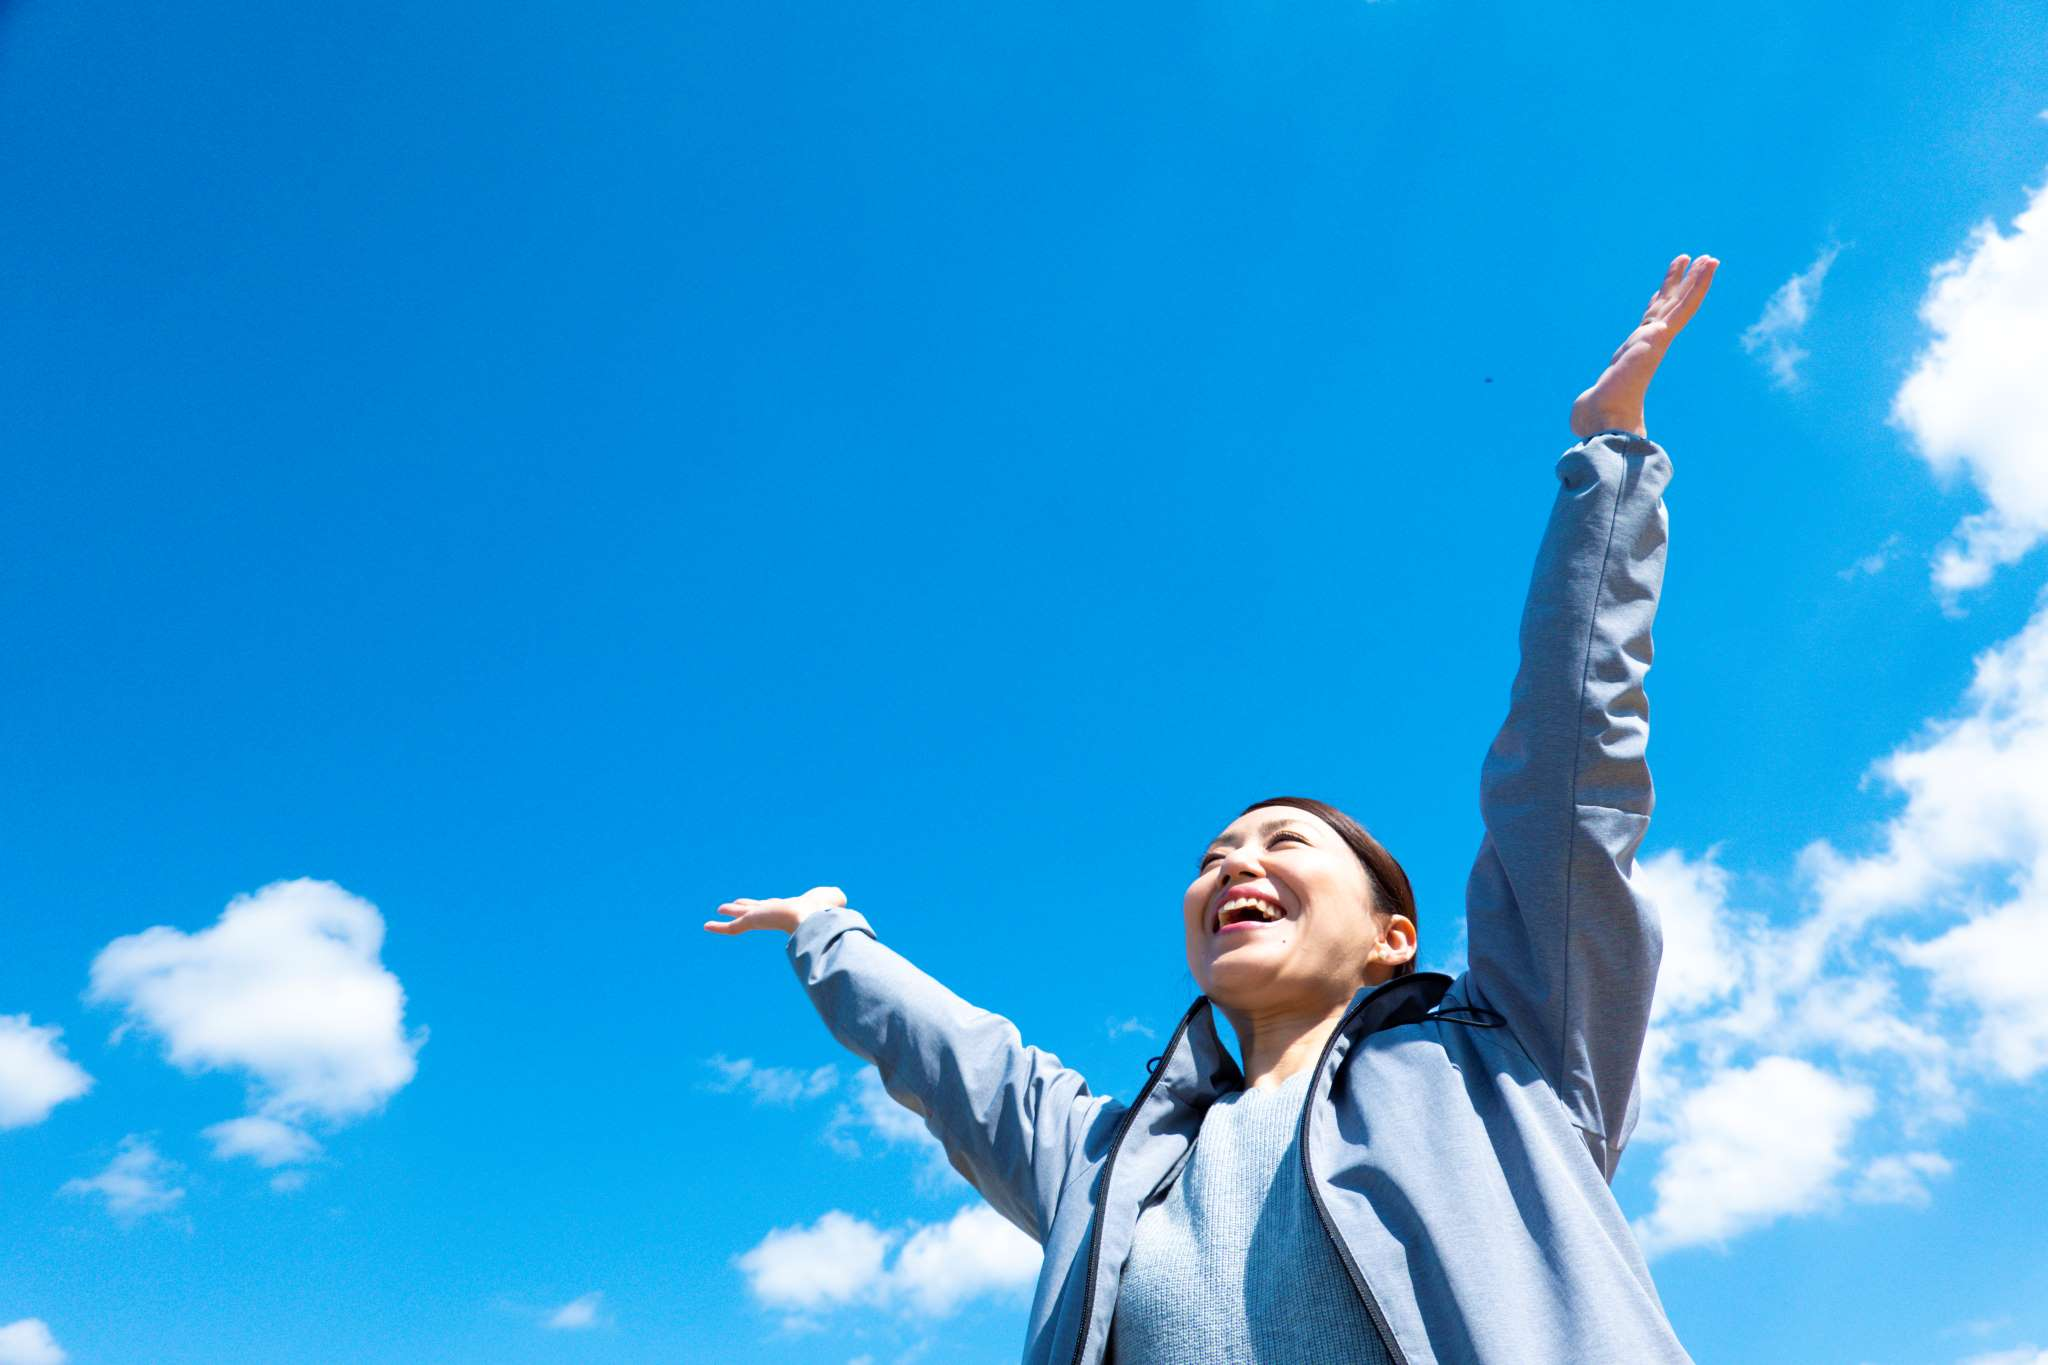 現代病・脳疲労のための漢方対策/慢性的な疲れをとって元気に生活するために